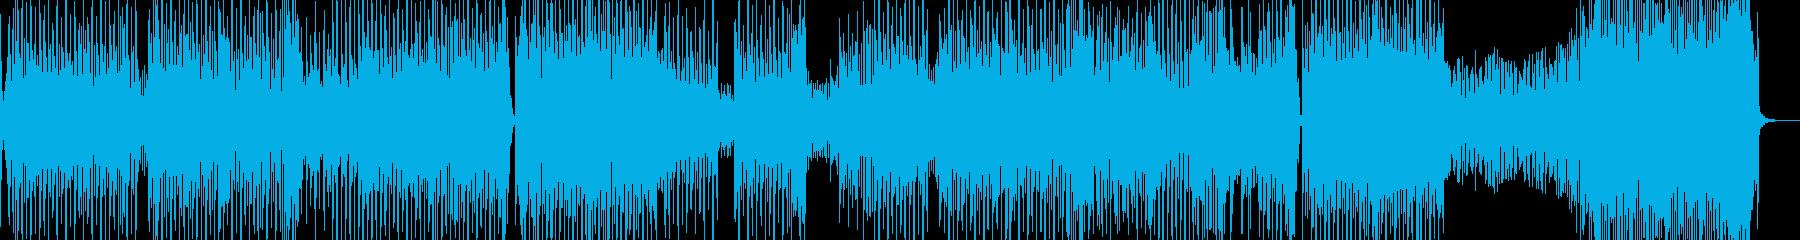 メタボ解消!コミカルテクノ 並足・S2の再生済みの波形